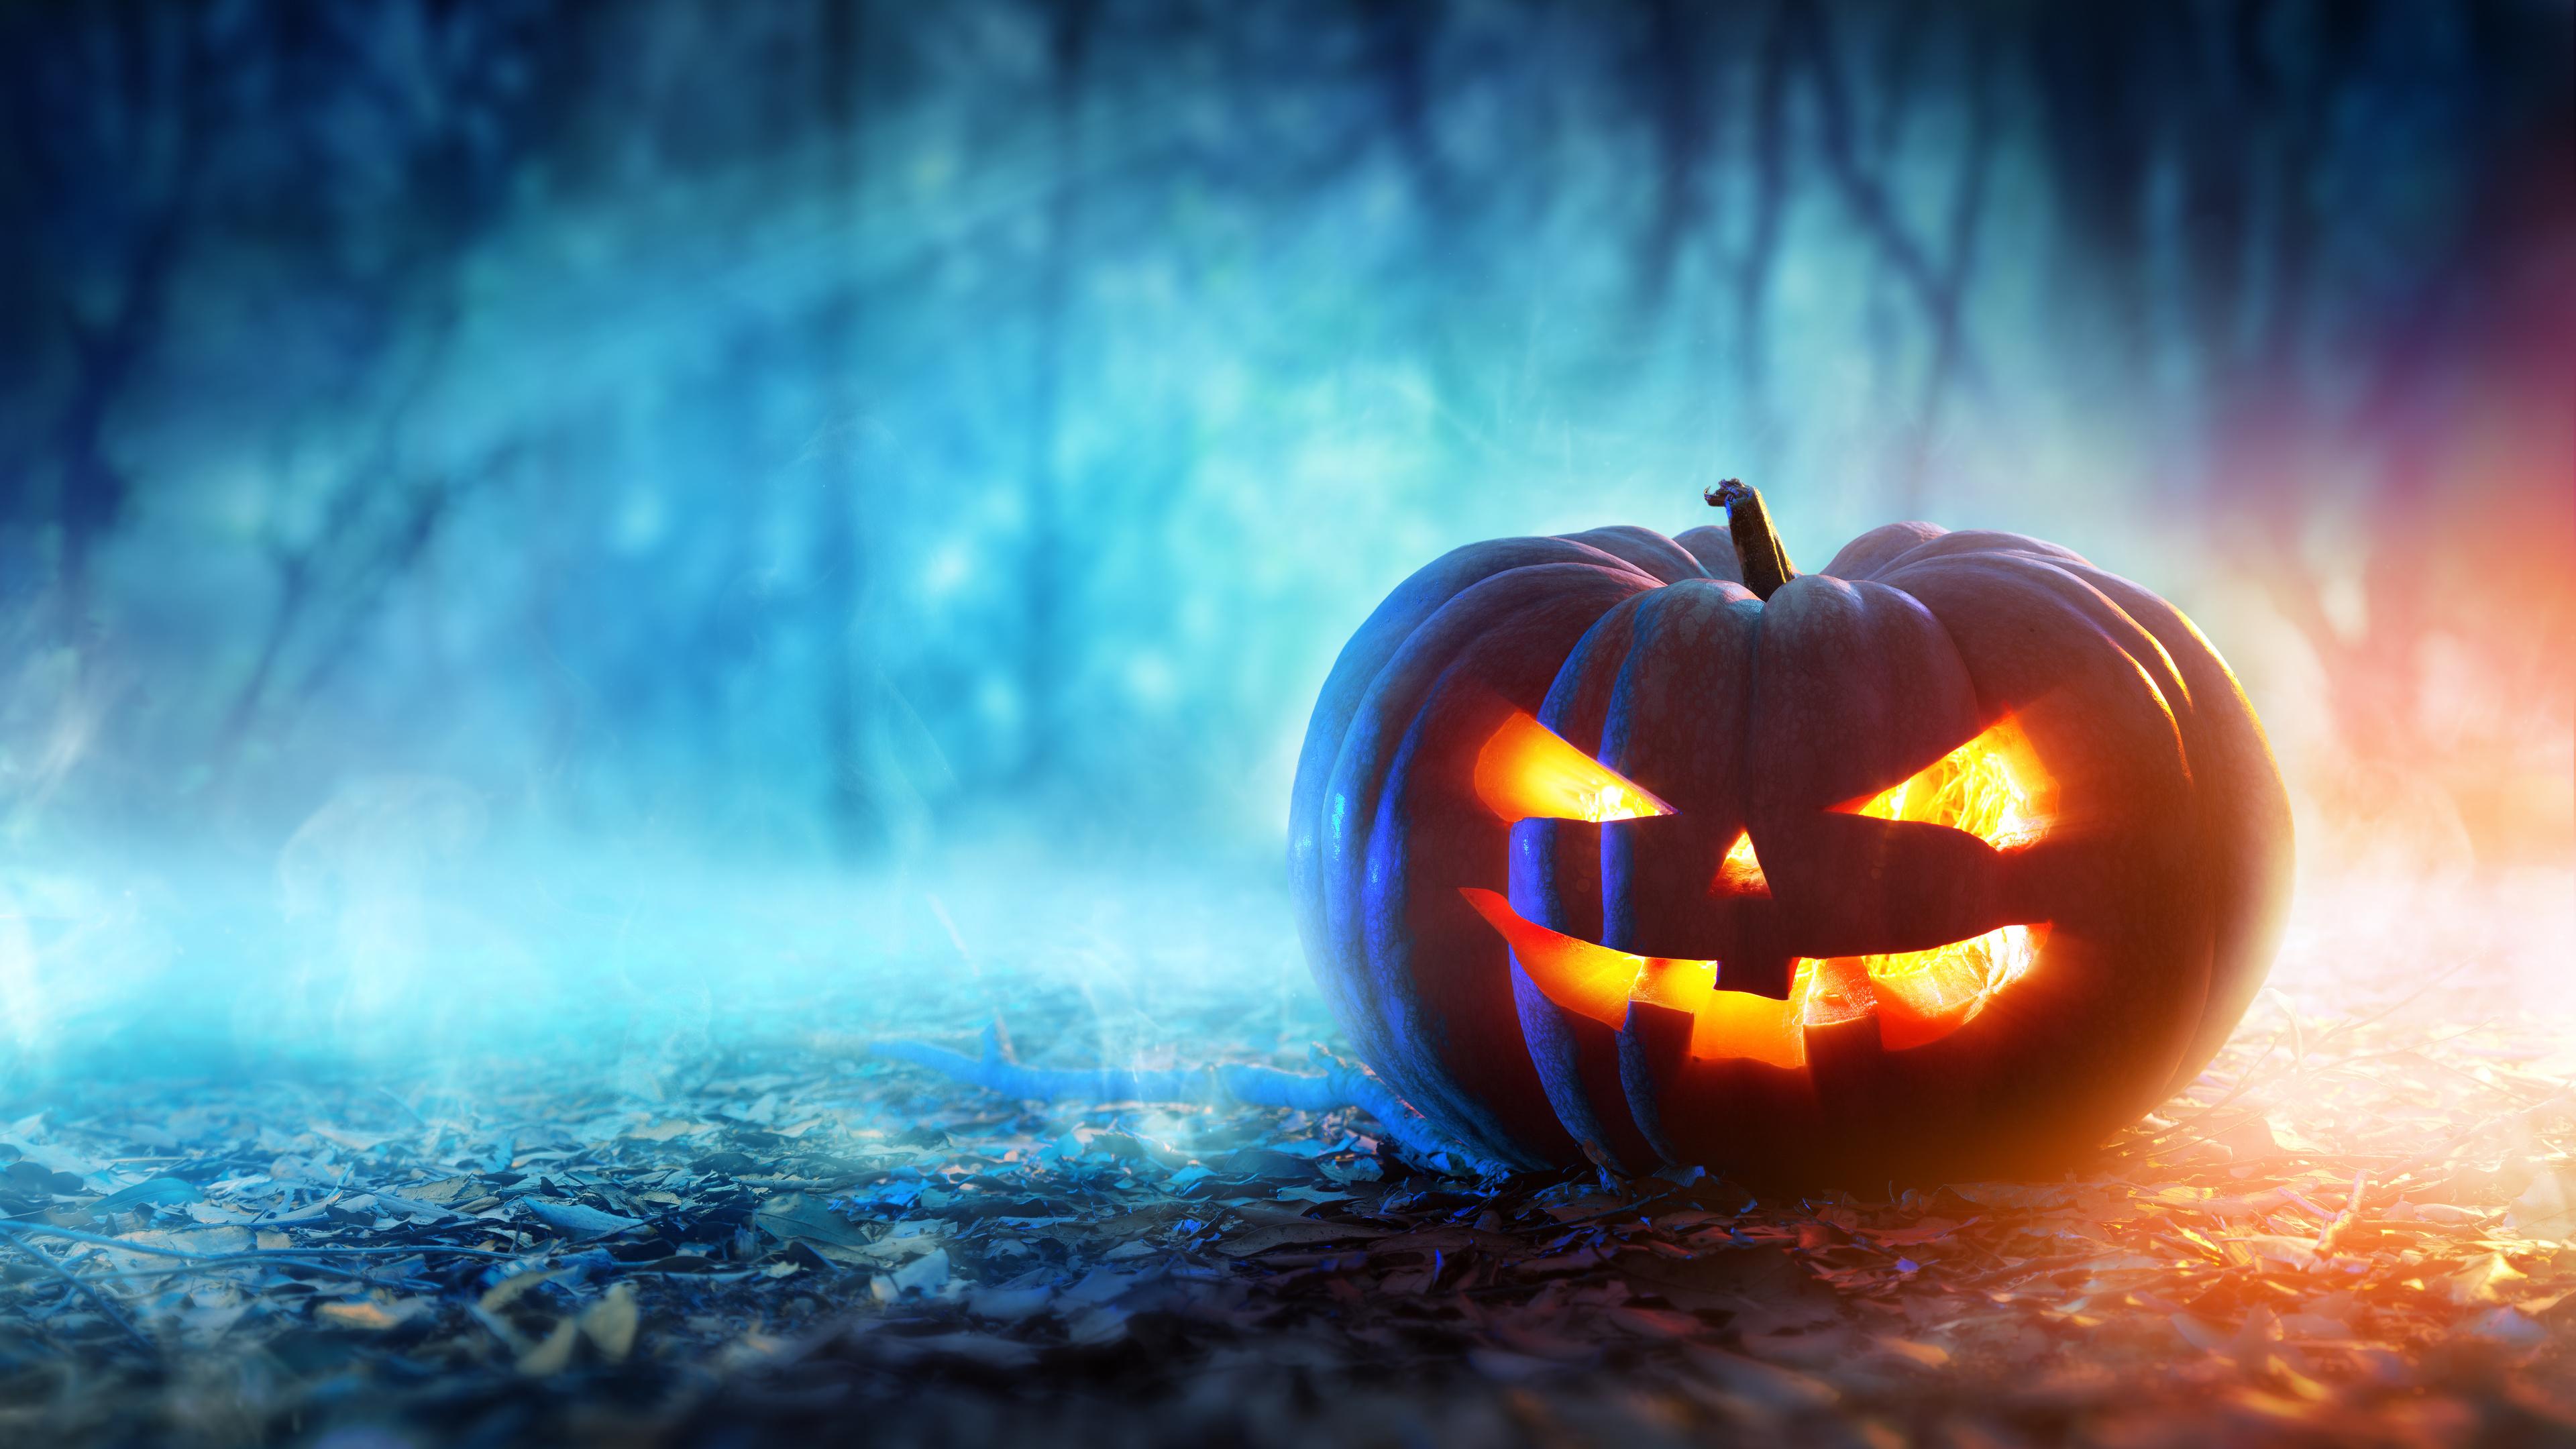 halloween 4k 1543946417 - Halloween 4k - pumpkin wallpapers, holidays wallpapers, hd-wallpapers, halloween wallpapers, celebrations wallpapers, 8k wallpapers, 5k wallpapers, 4k-wallpapers